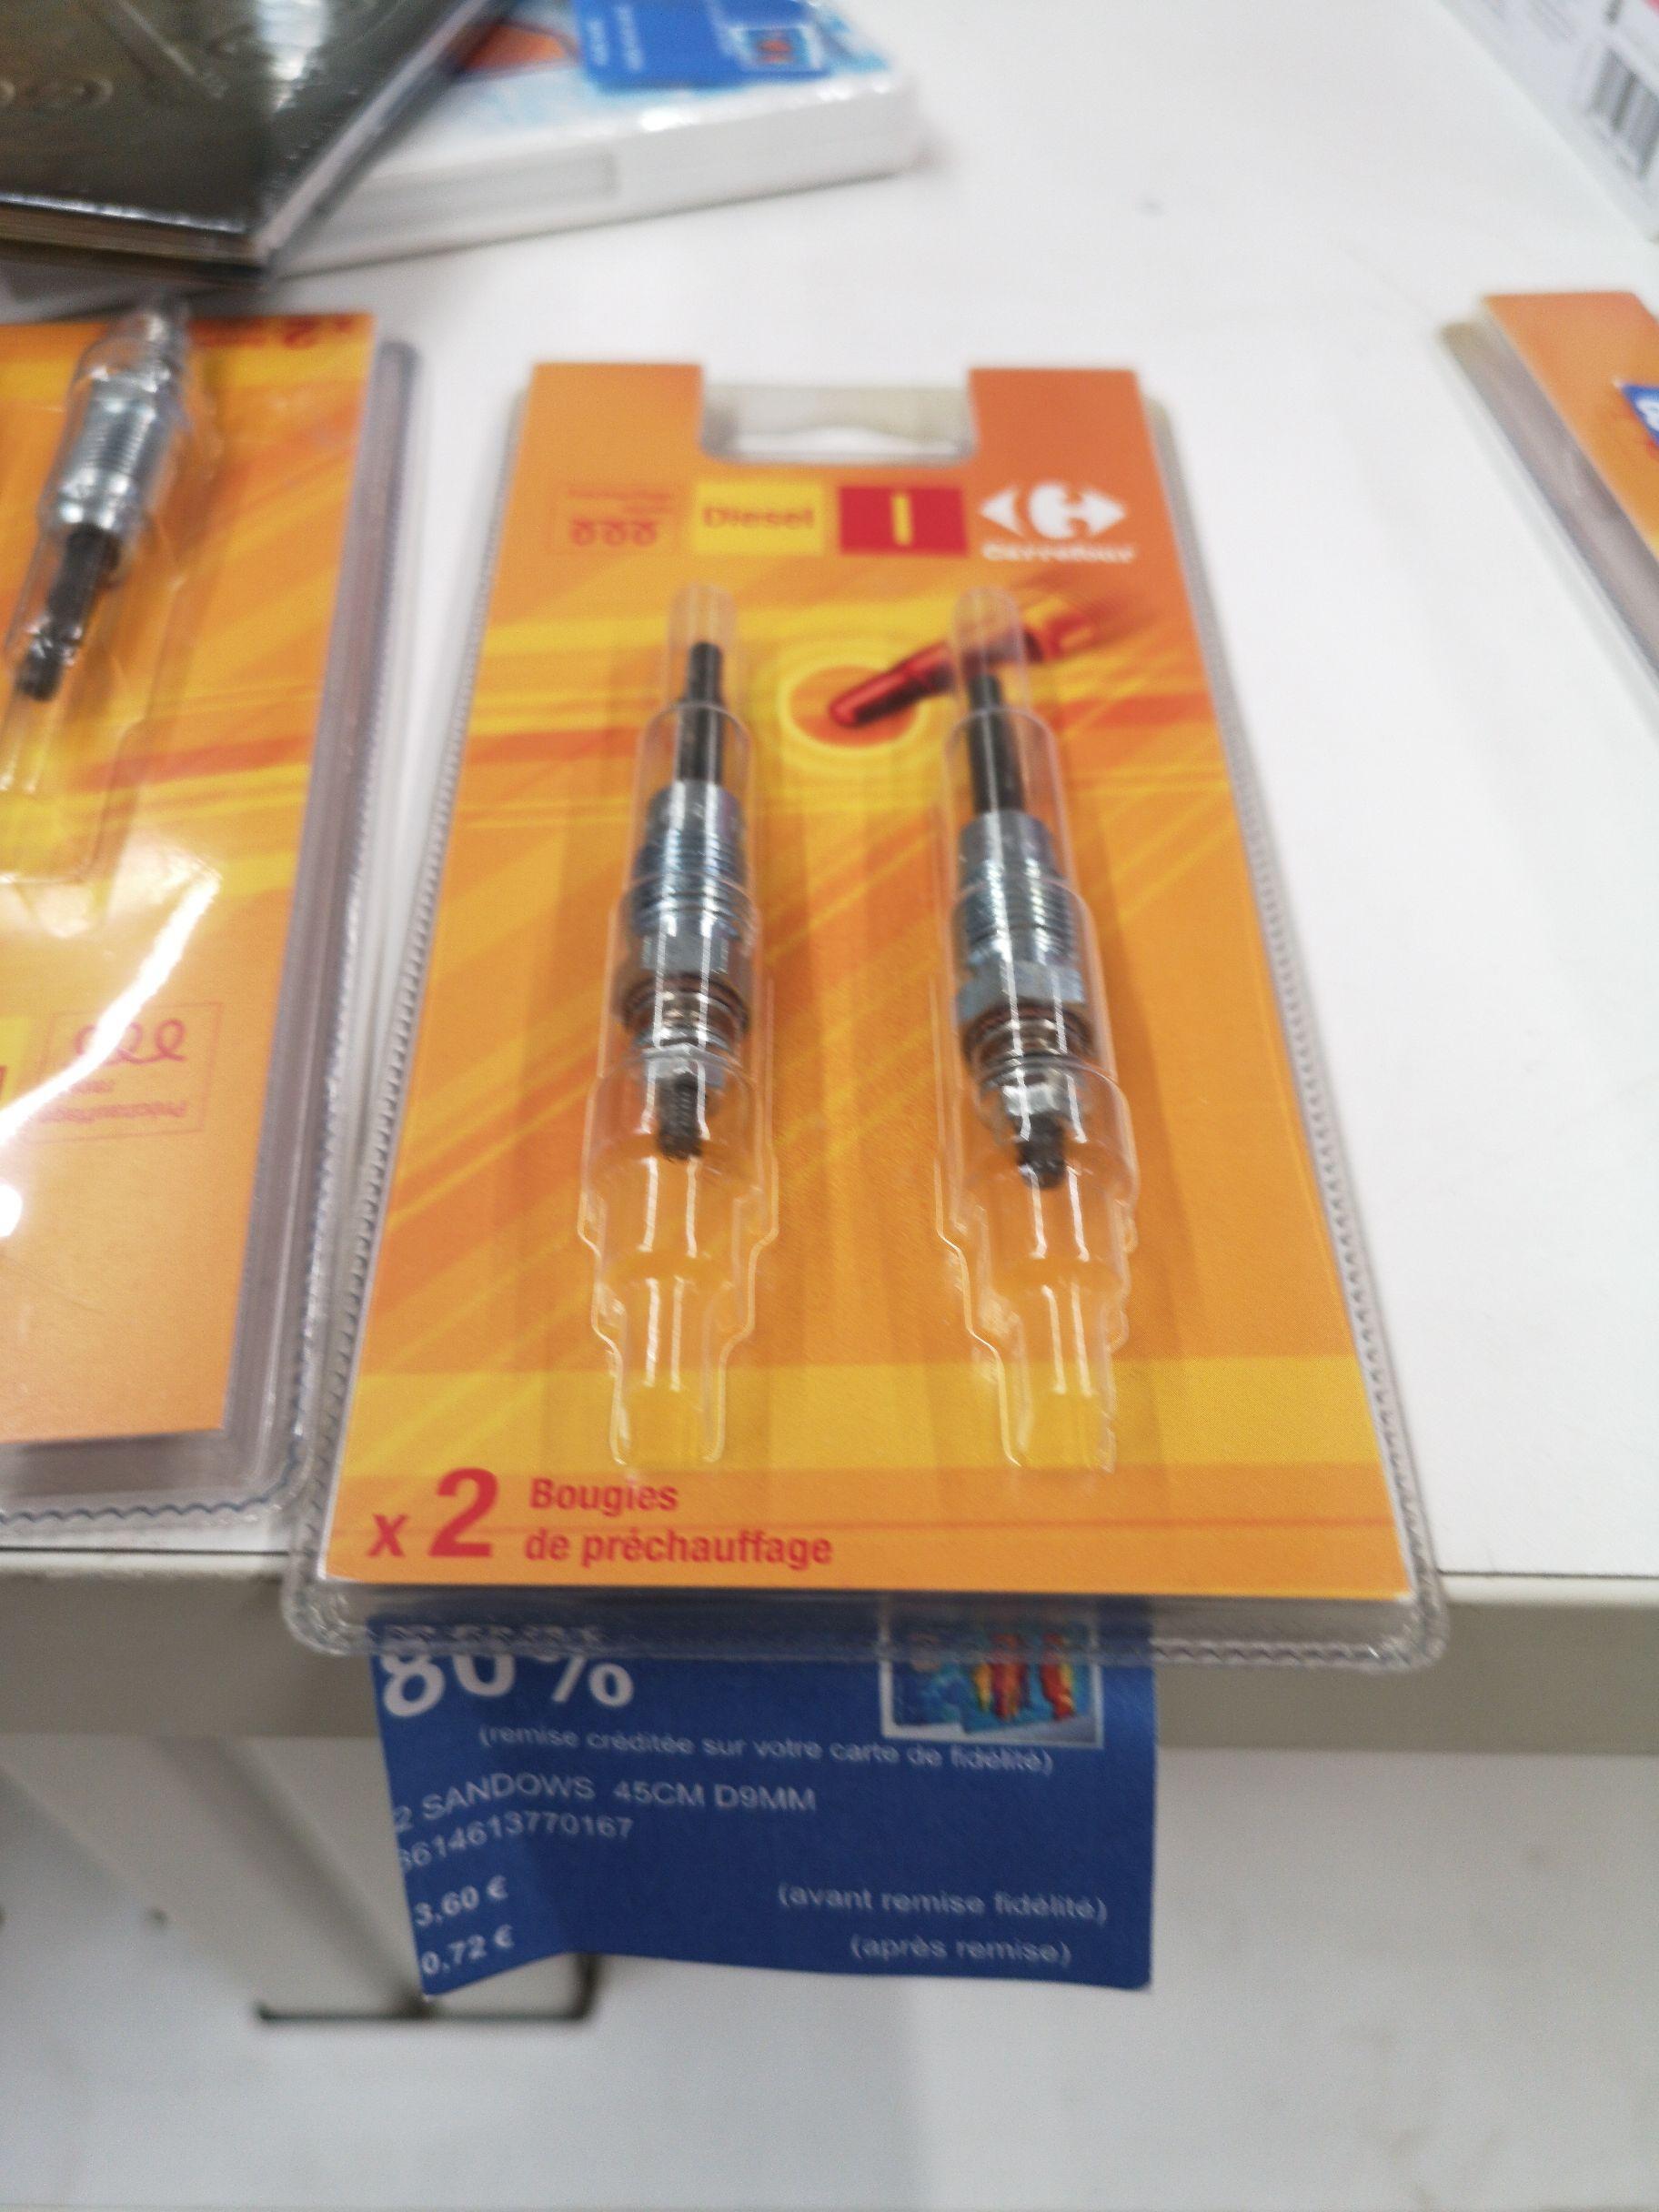 Pack de 2 Bougies de préchauffage Carrefour (Via 2.88€ sur Carte Fidélité) - Vannes (56)